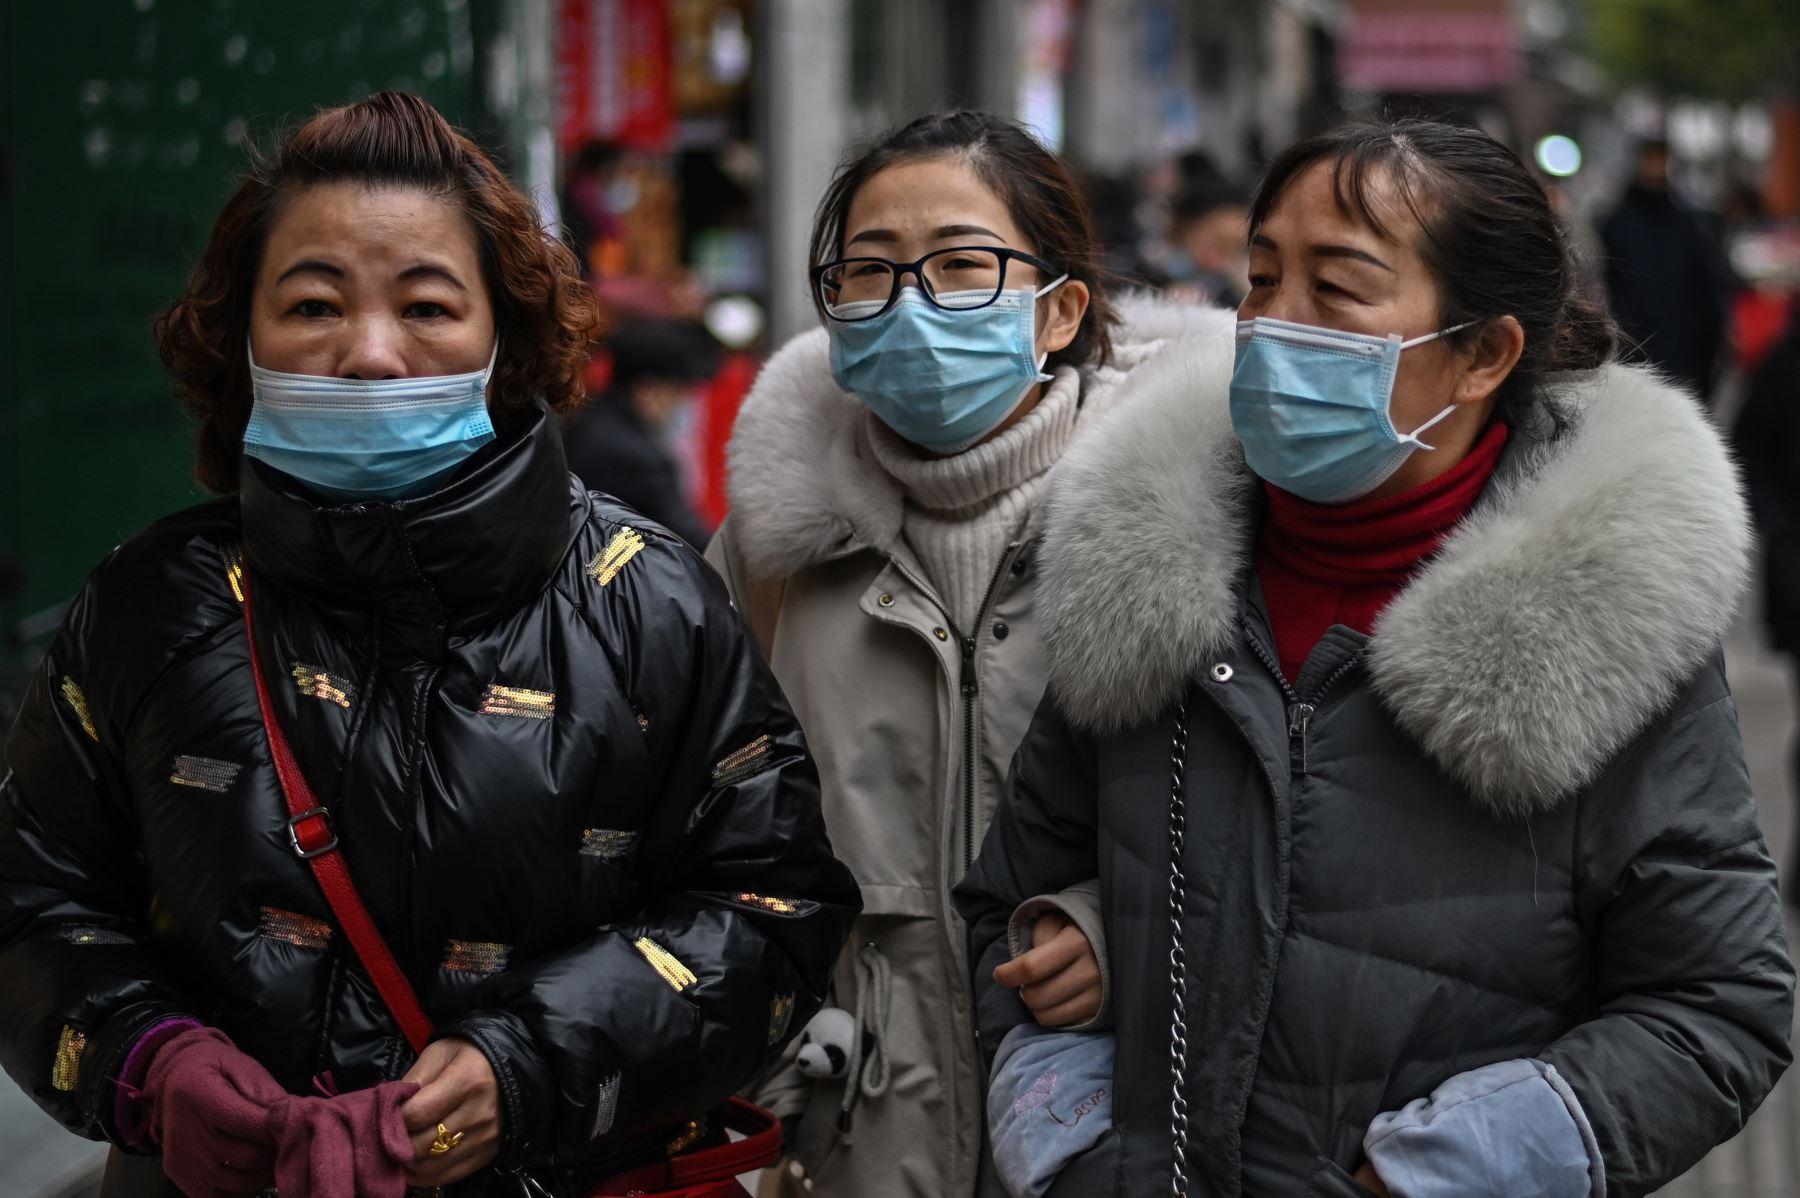 Los peatones con máscaras faciales como medida preventiva contra el coronavirus Covid-19 caminan en una calle de Wuhan. Foto: AFP